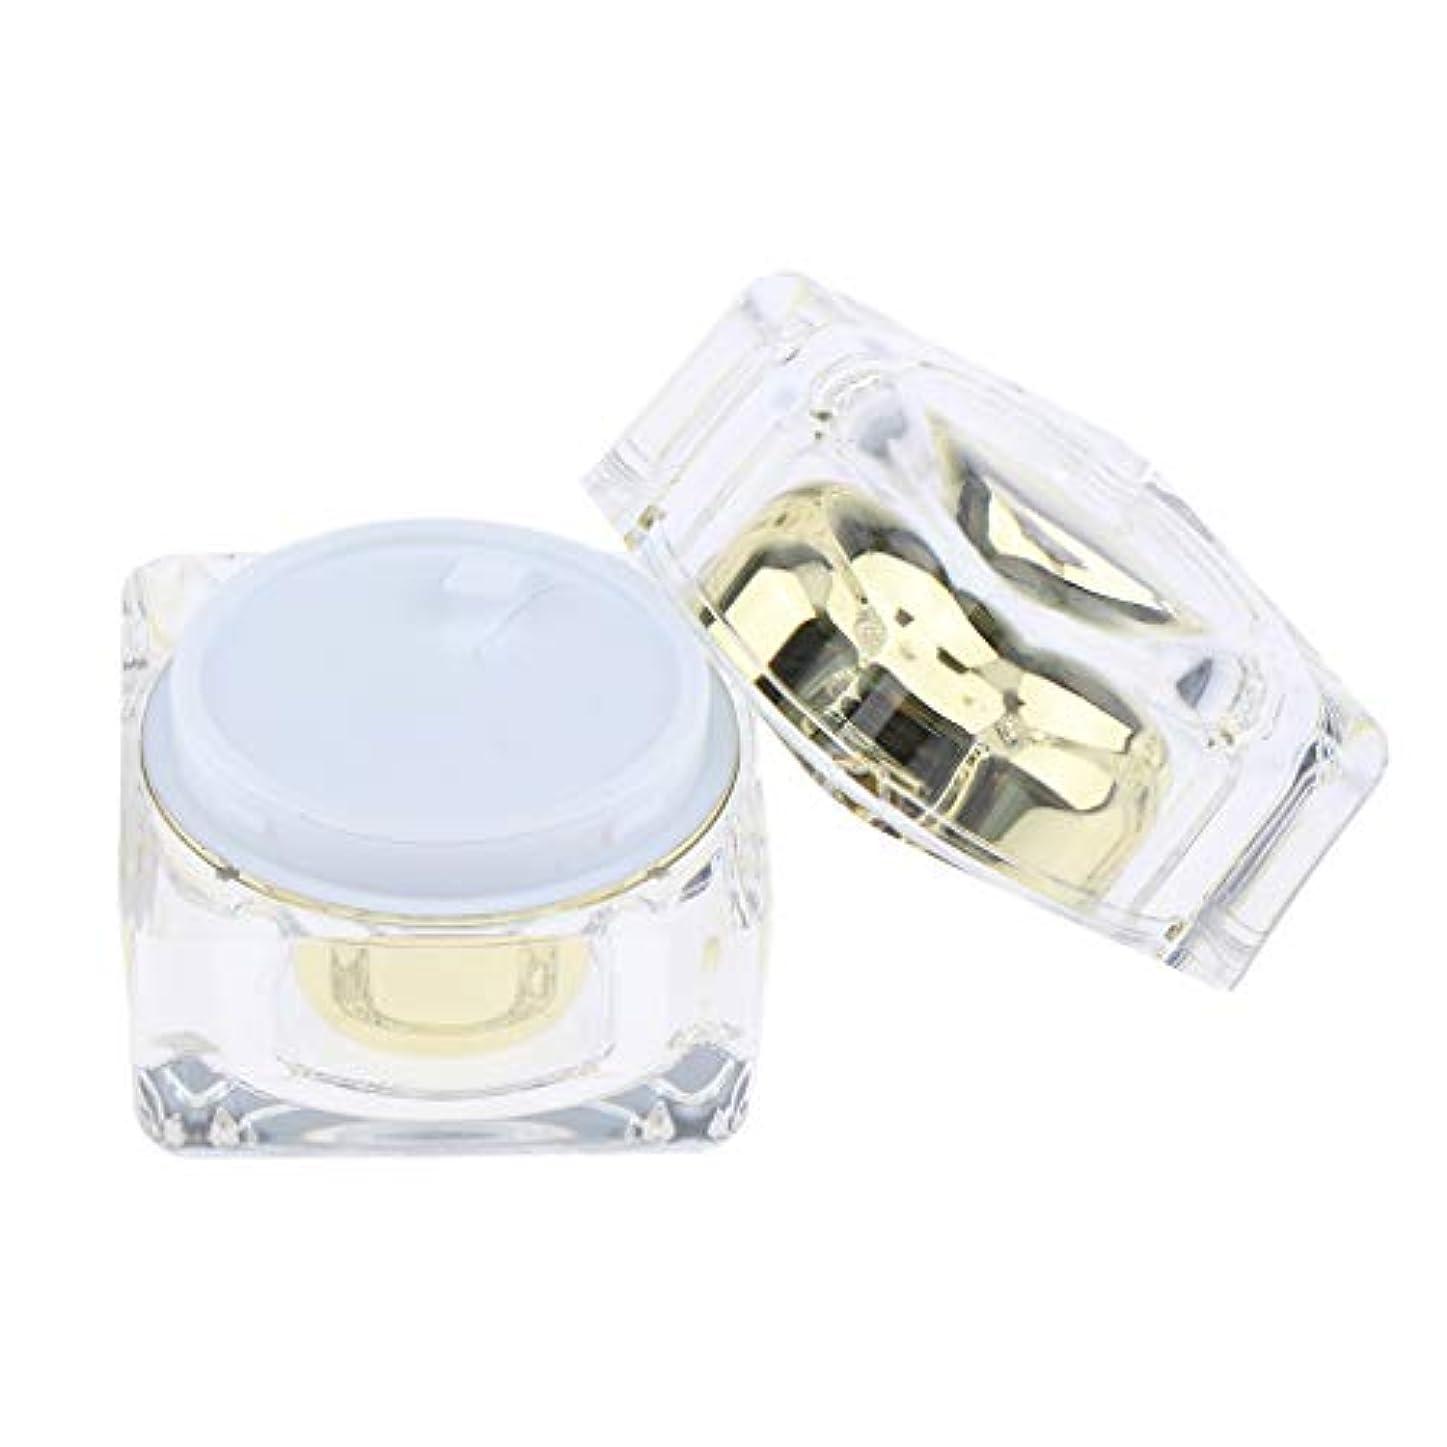 不適効果的統計的化粧品空の瓶ポットクリームリップクリームリップクリーム30g - ゴールデン